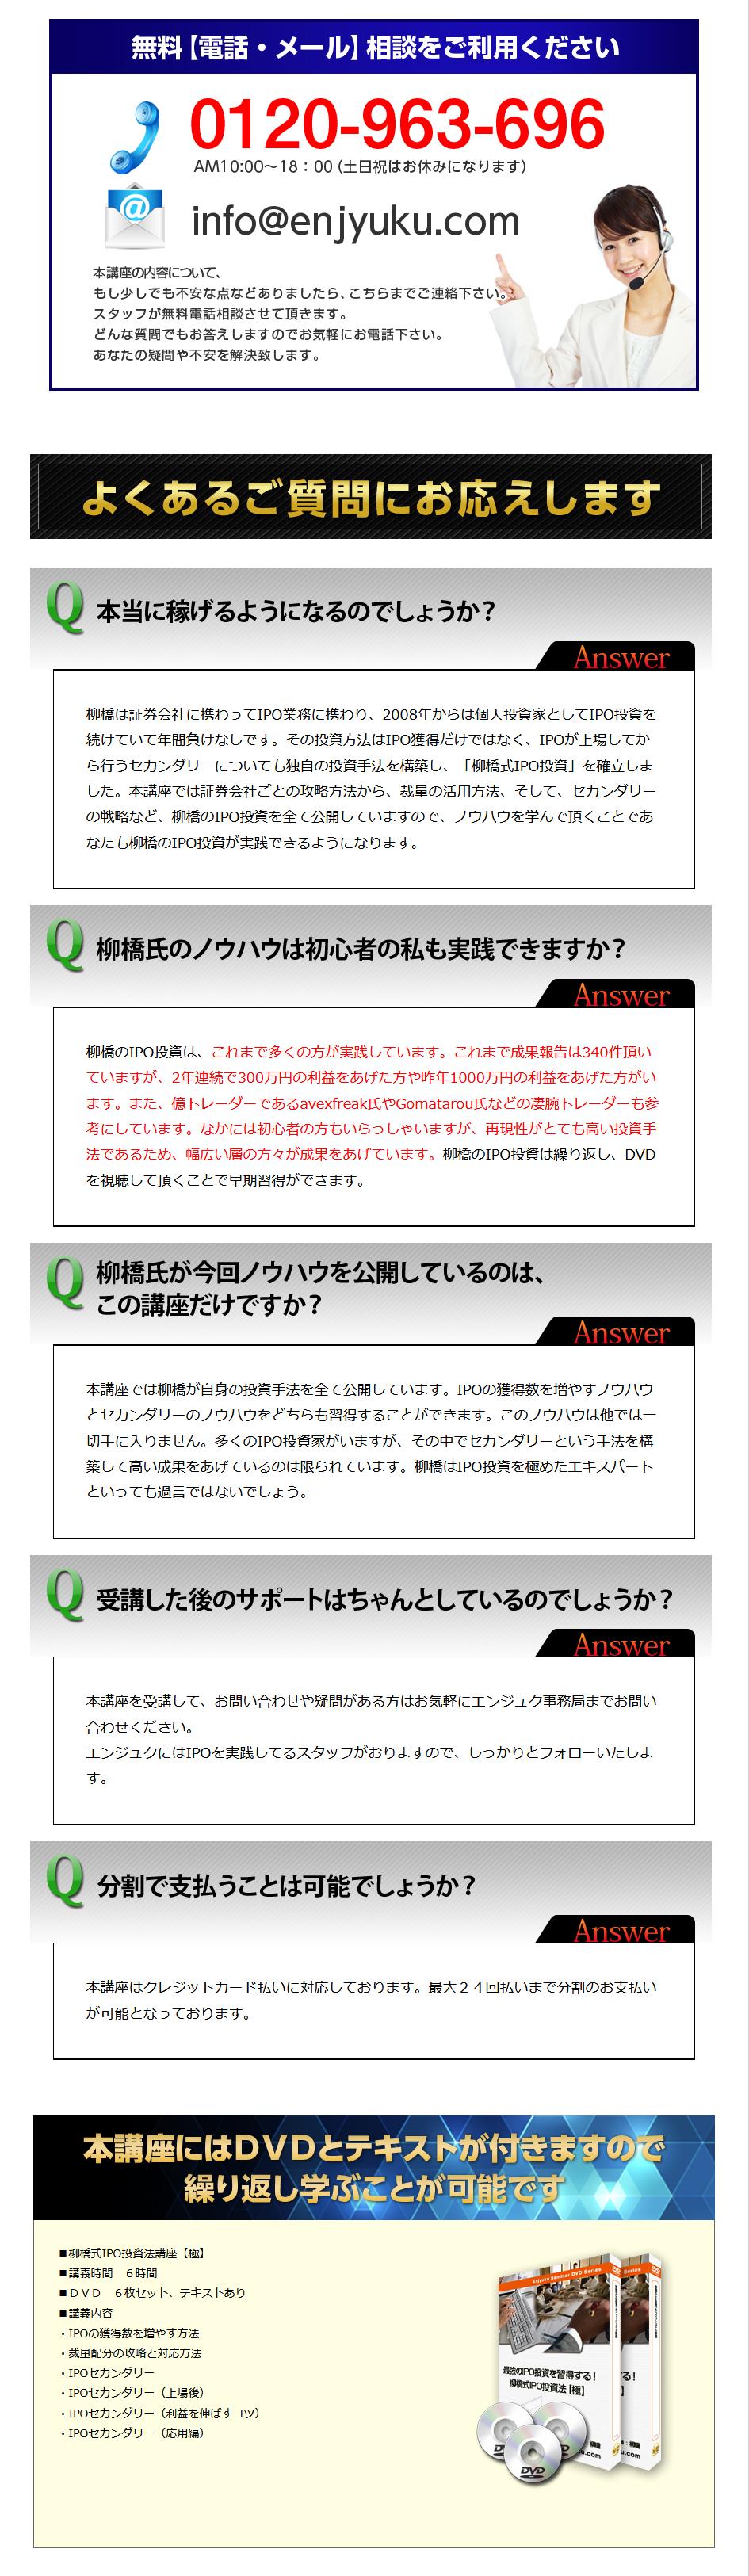 わずか数日から数週間で、数十万円~数百万円の利益をあげる「柳橋式IPO投資」_35